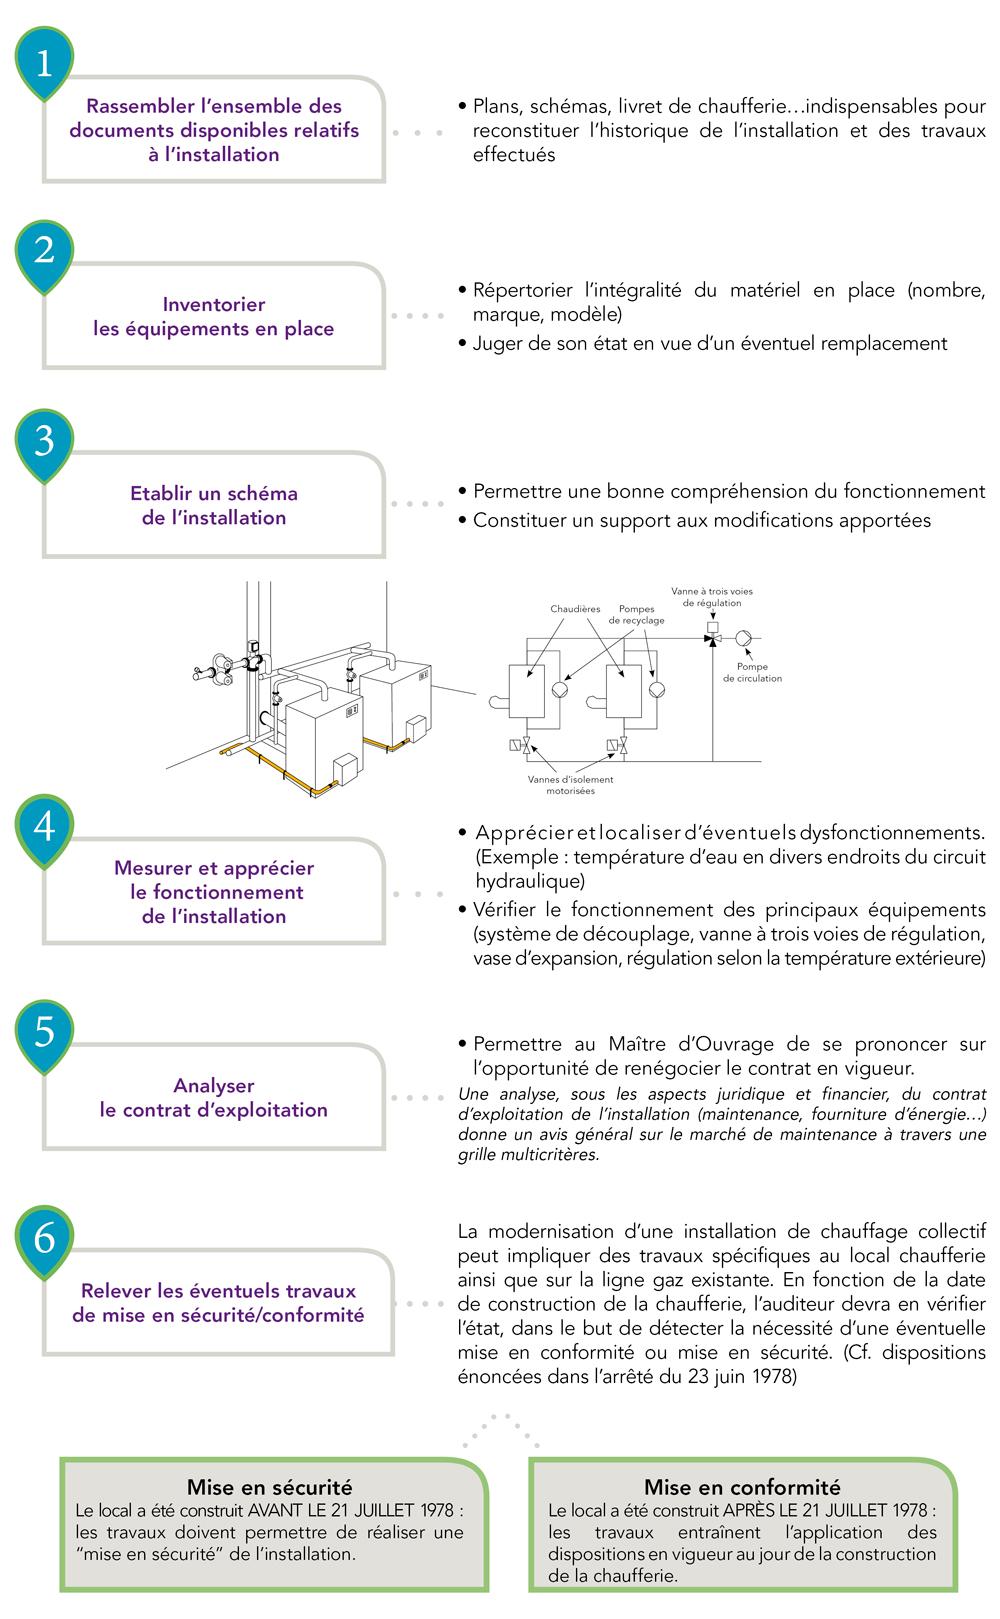 Schéma optimisation chaufferie en logement social - GRDF